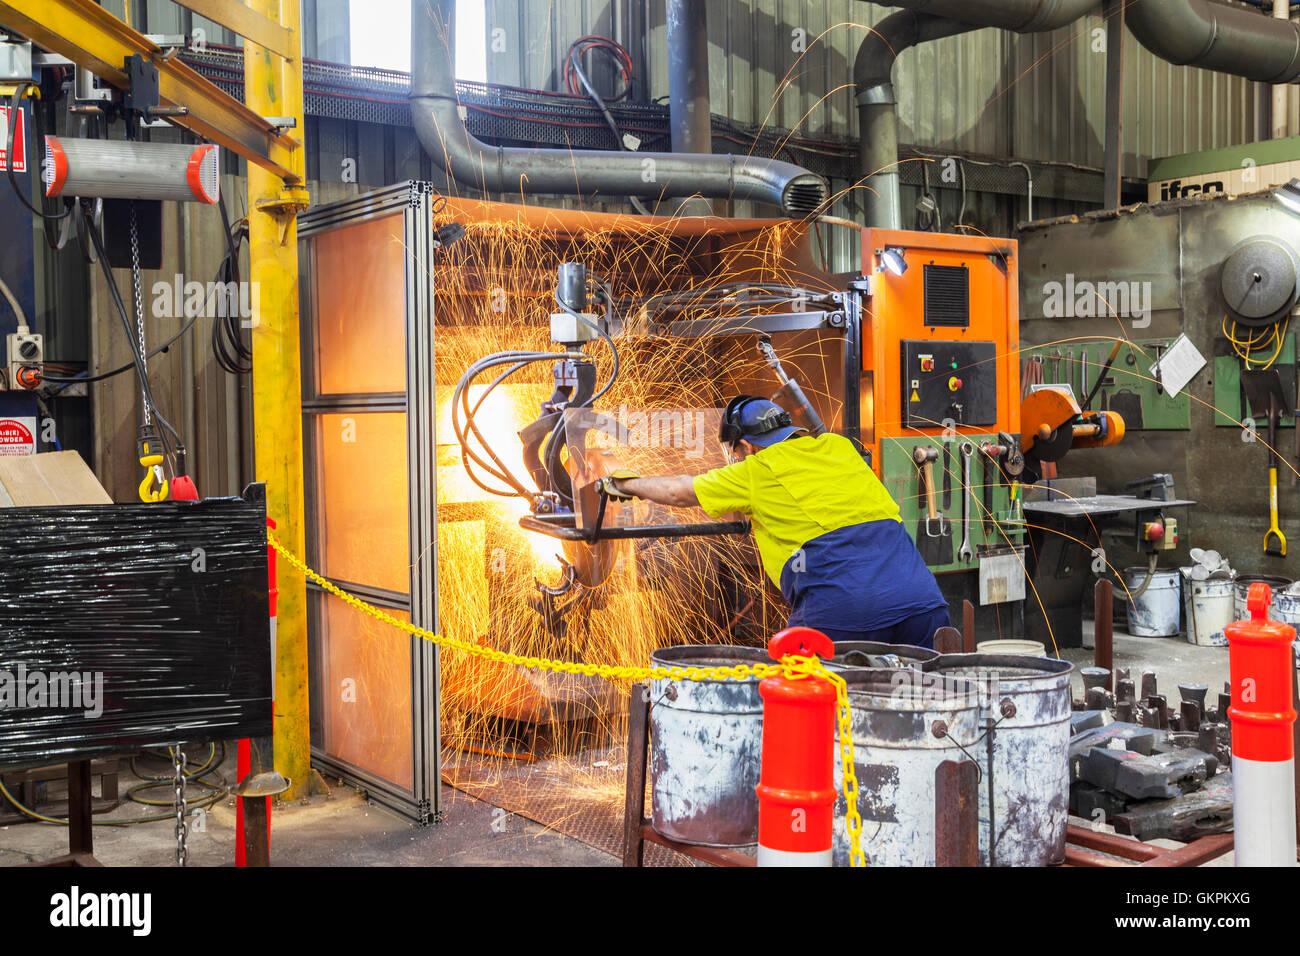 """Arbeiter, Schleifen oder Schneiden entfernt werfen Metallkomponenten aus seinem """"Casting"""" Baum. Stockfoto"""